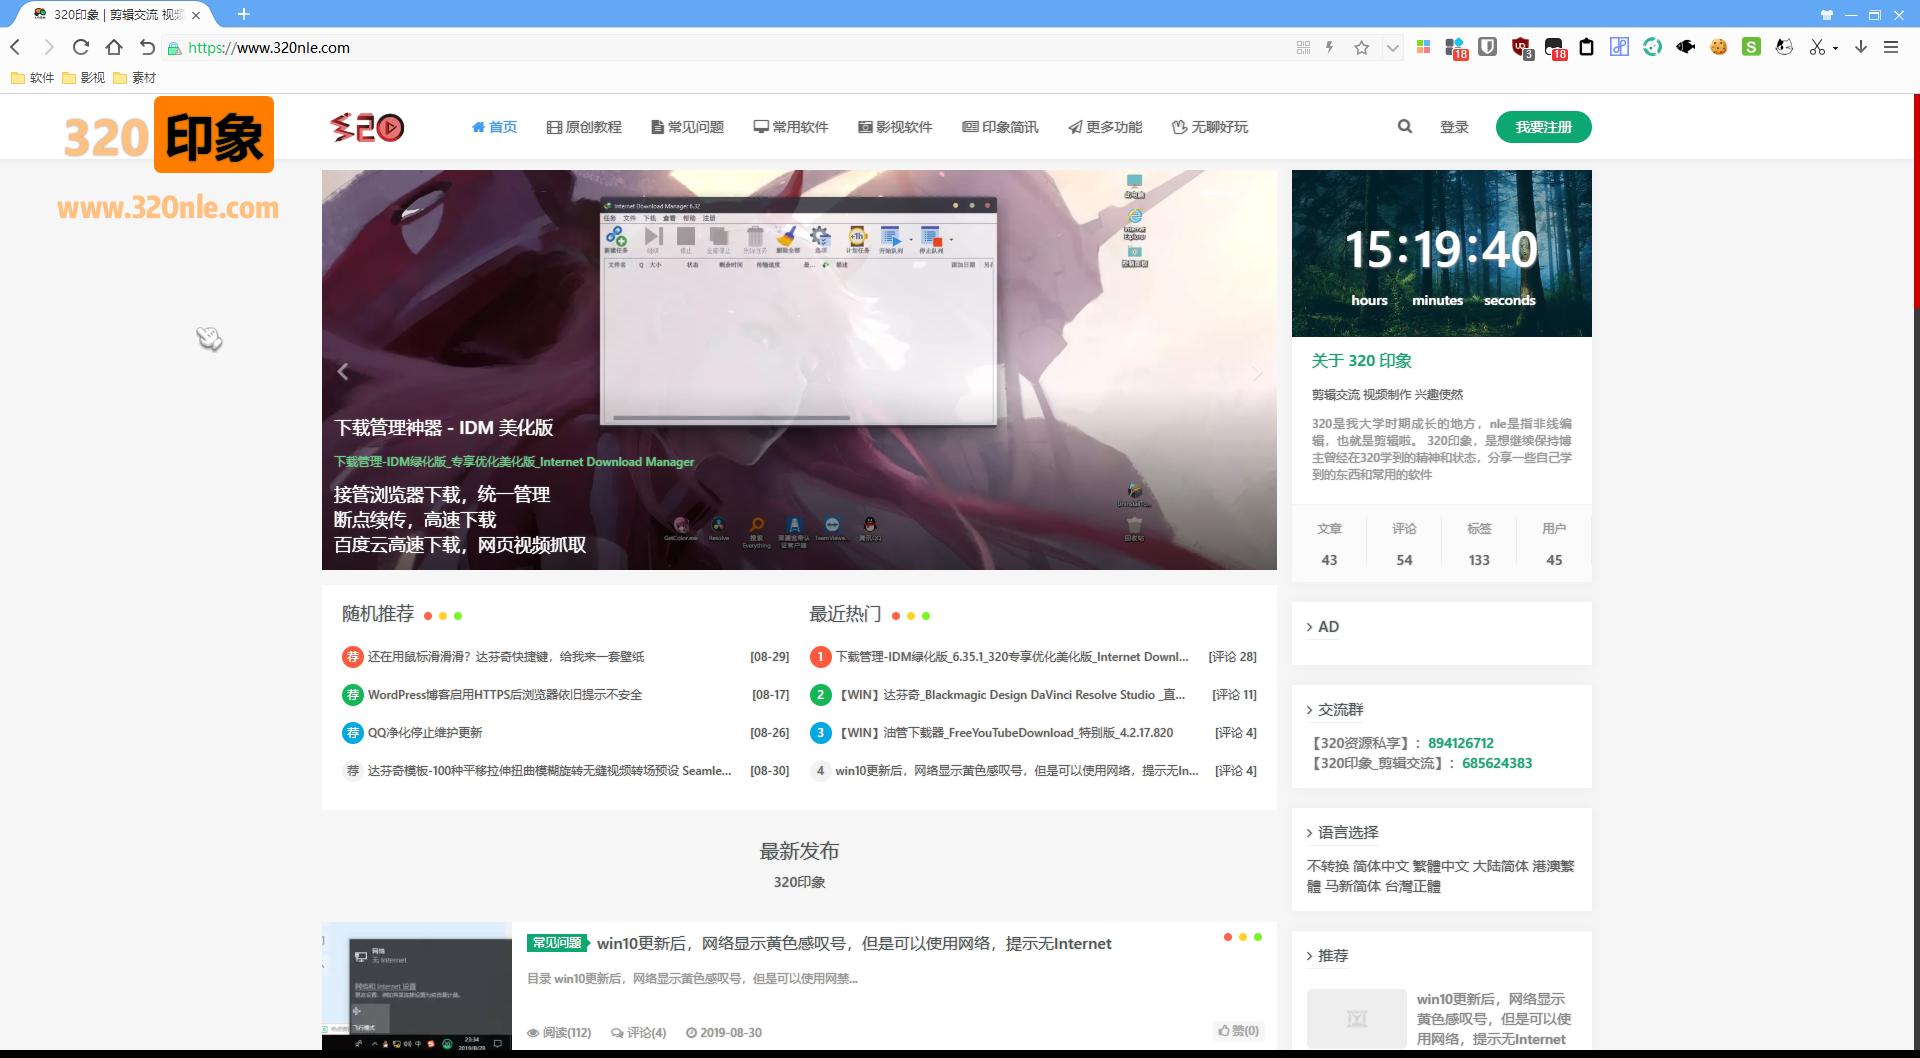 320印象定制 | 360极速浏览器 12.0.1190.0 便携增强版/纯净版